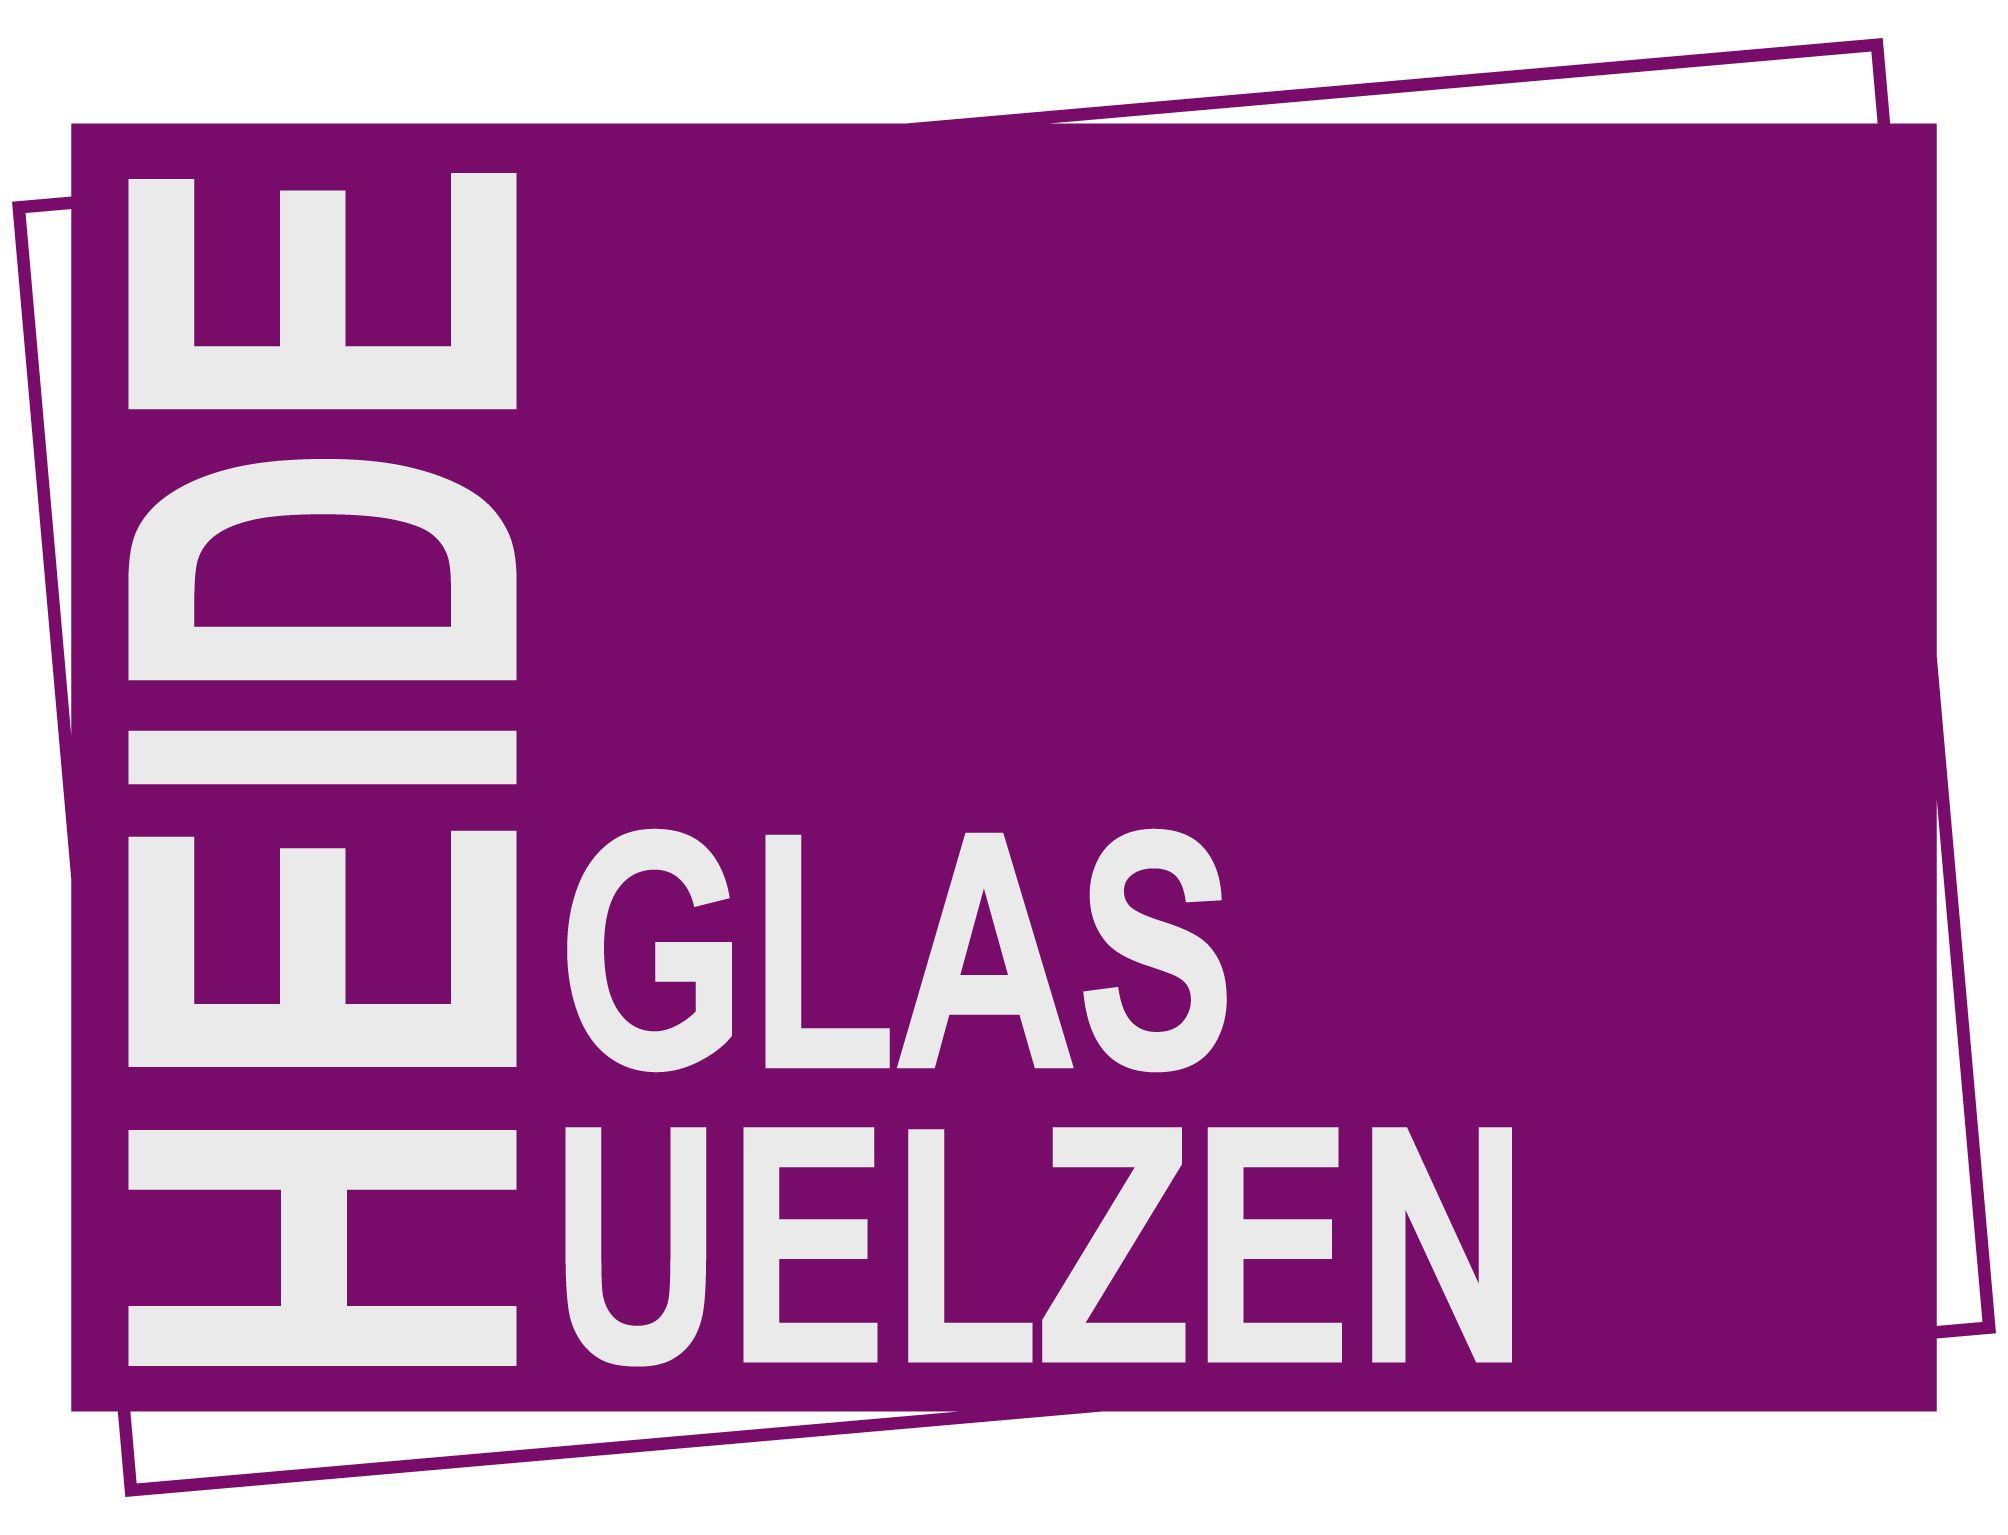 Heideglas Uelzen Glaserei & Glasgroßhandel